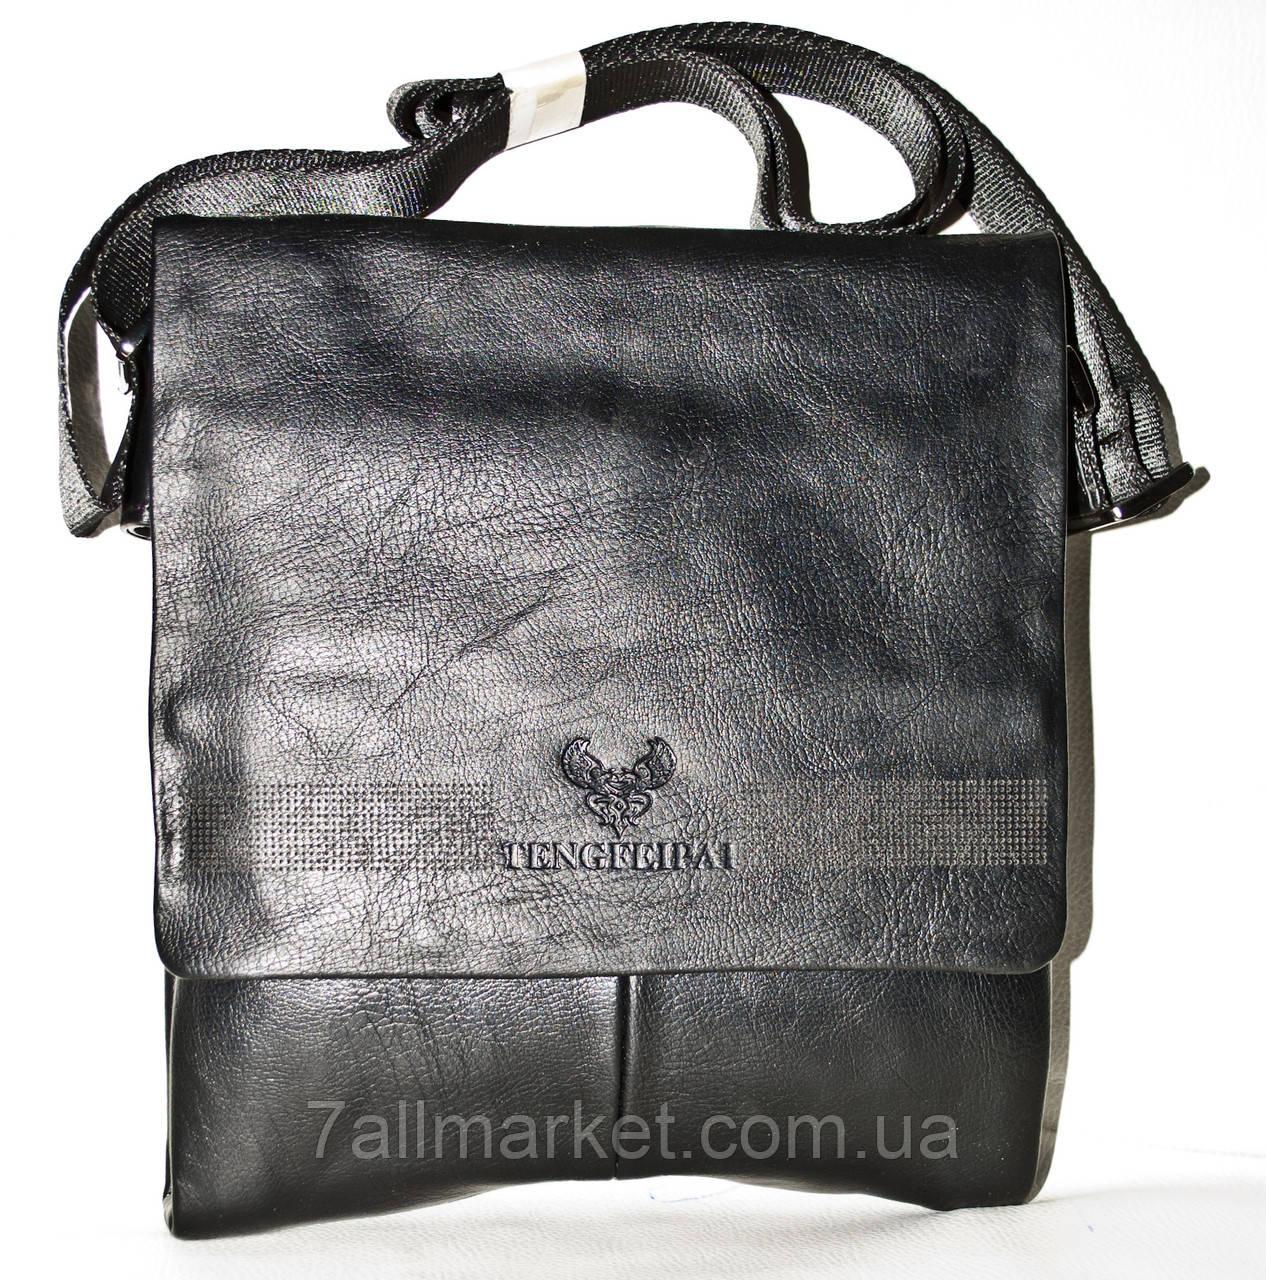 03cfb080b91a Сумка-планшетка мужская стильная кожзам (22*25 см), 1 цвета Серии ...